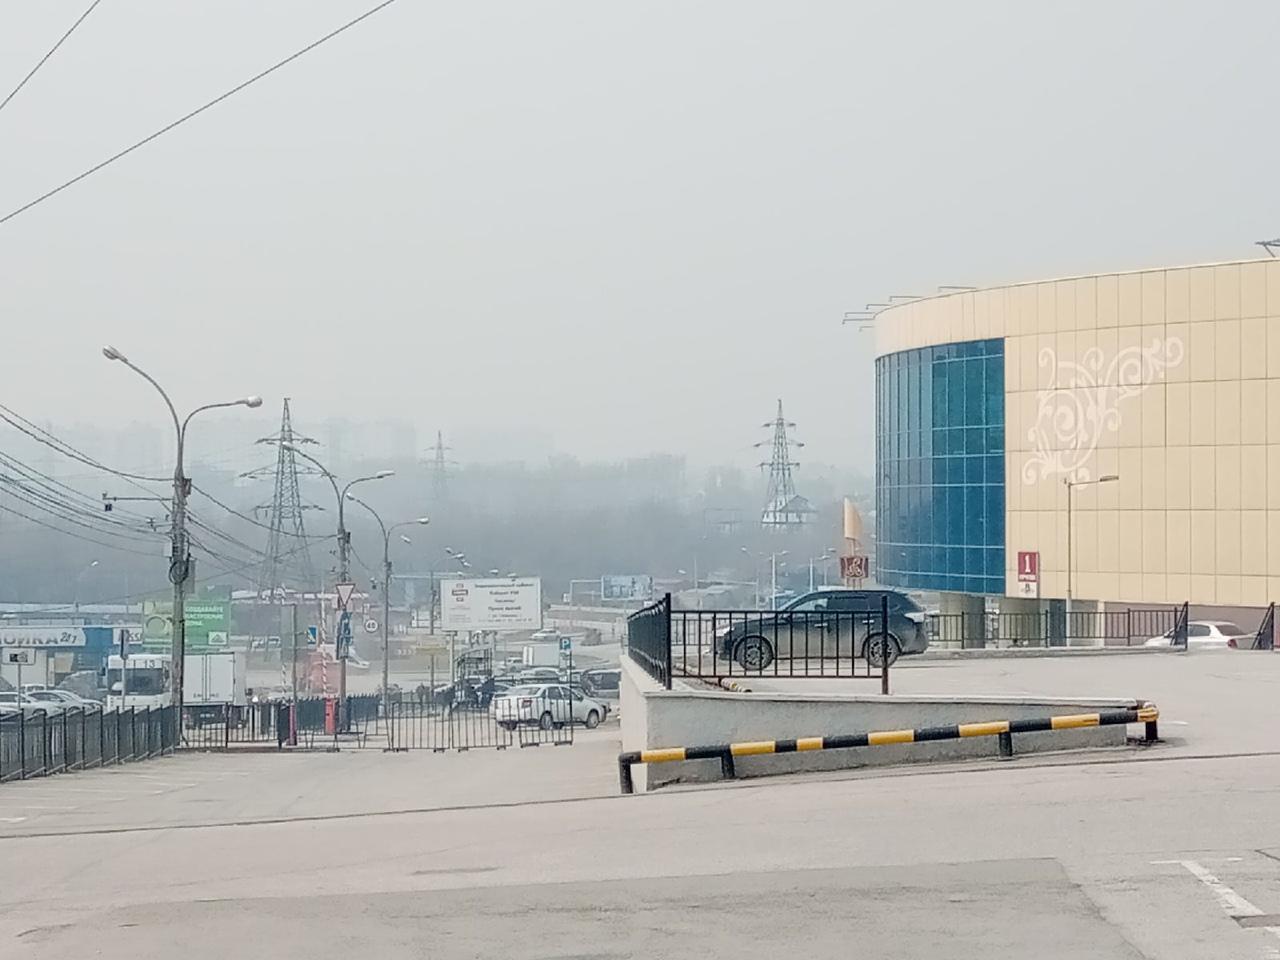 фото «Пыль столбом стоит – штрафовать нужно за такое»: 10 фото утонувшего в дыму Новосибирска 10